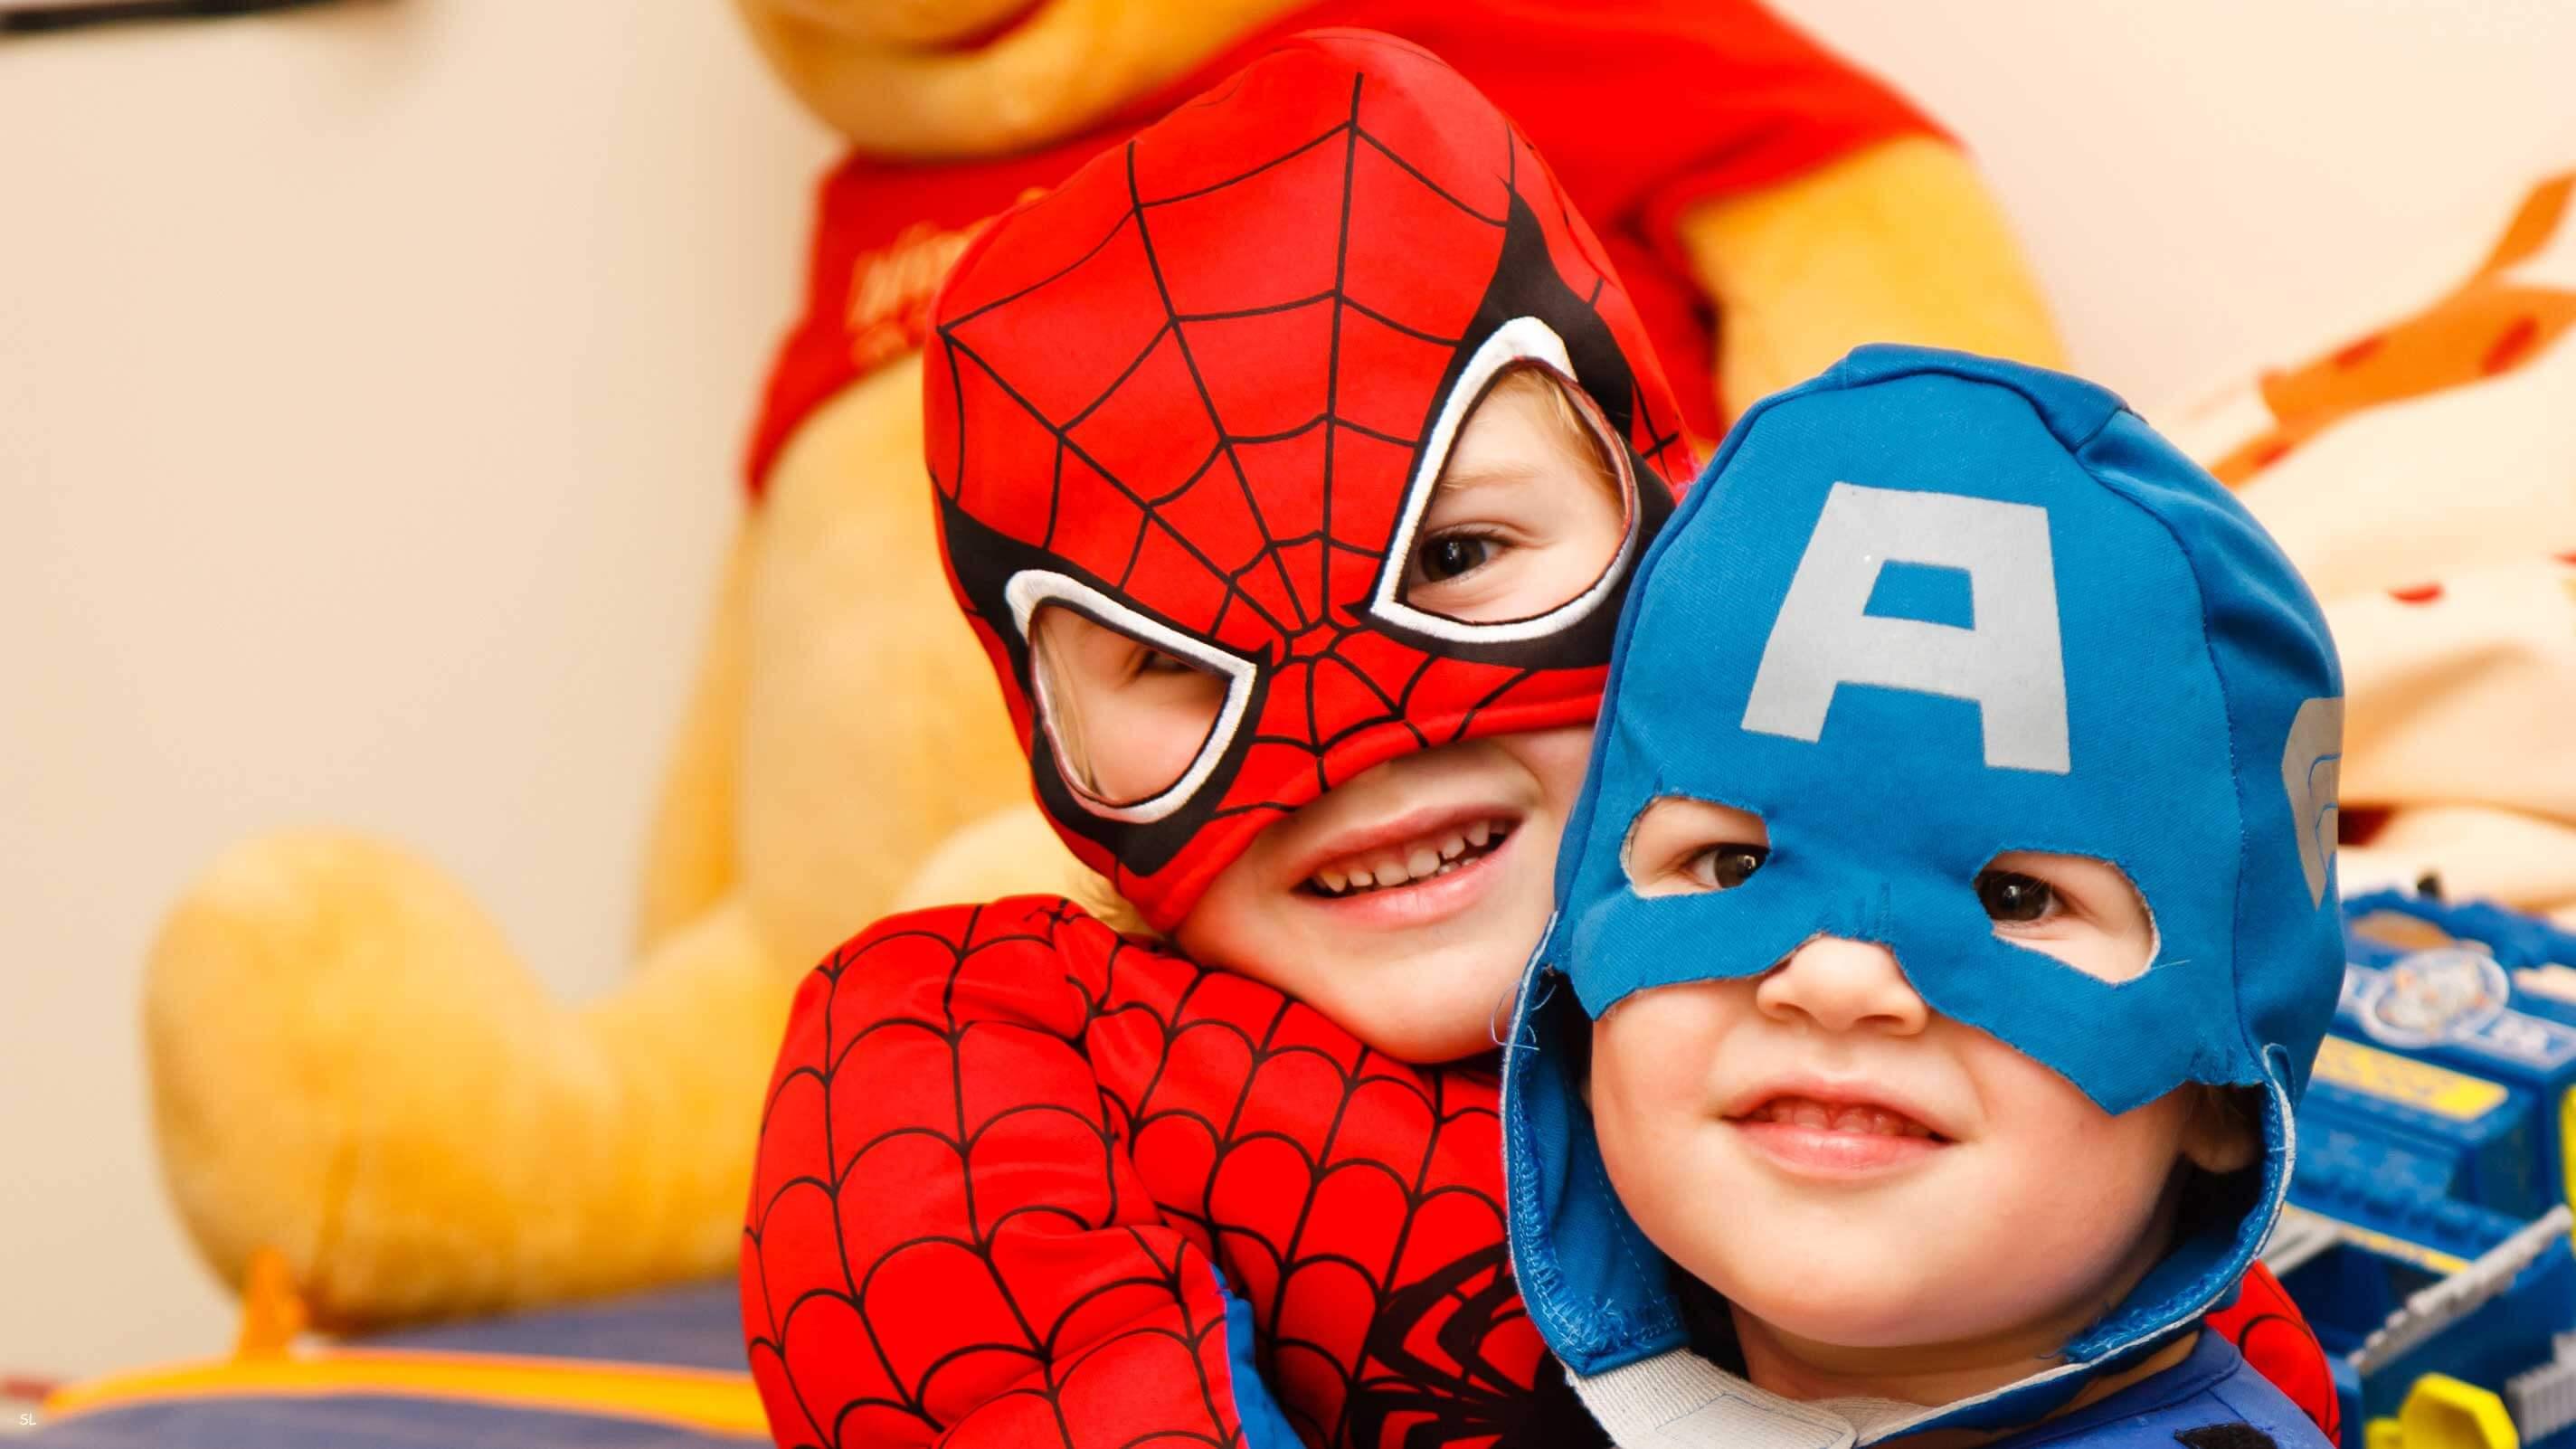 5 Dicas para lidar com a timidez na Infância  - Amigos vestidos de Homeme de Ferro e Capitão América